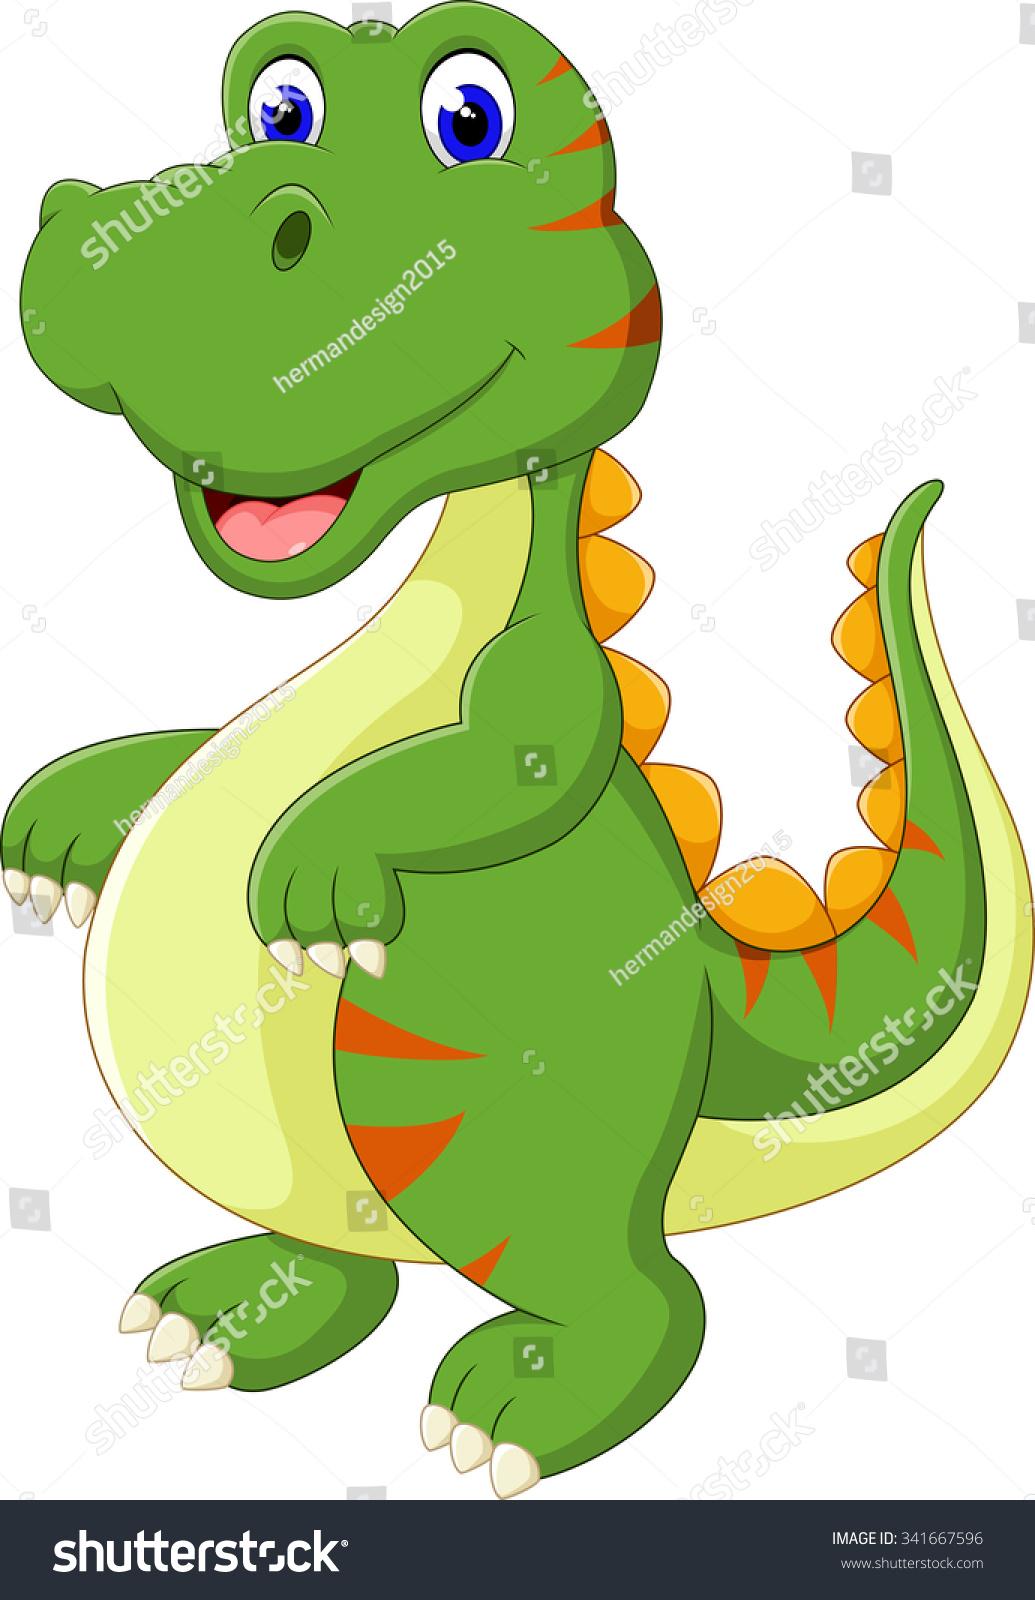 卡通可爱的恐龙-动物/野生生物-海洛创意(hellorf)--.